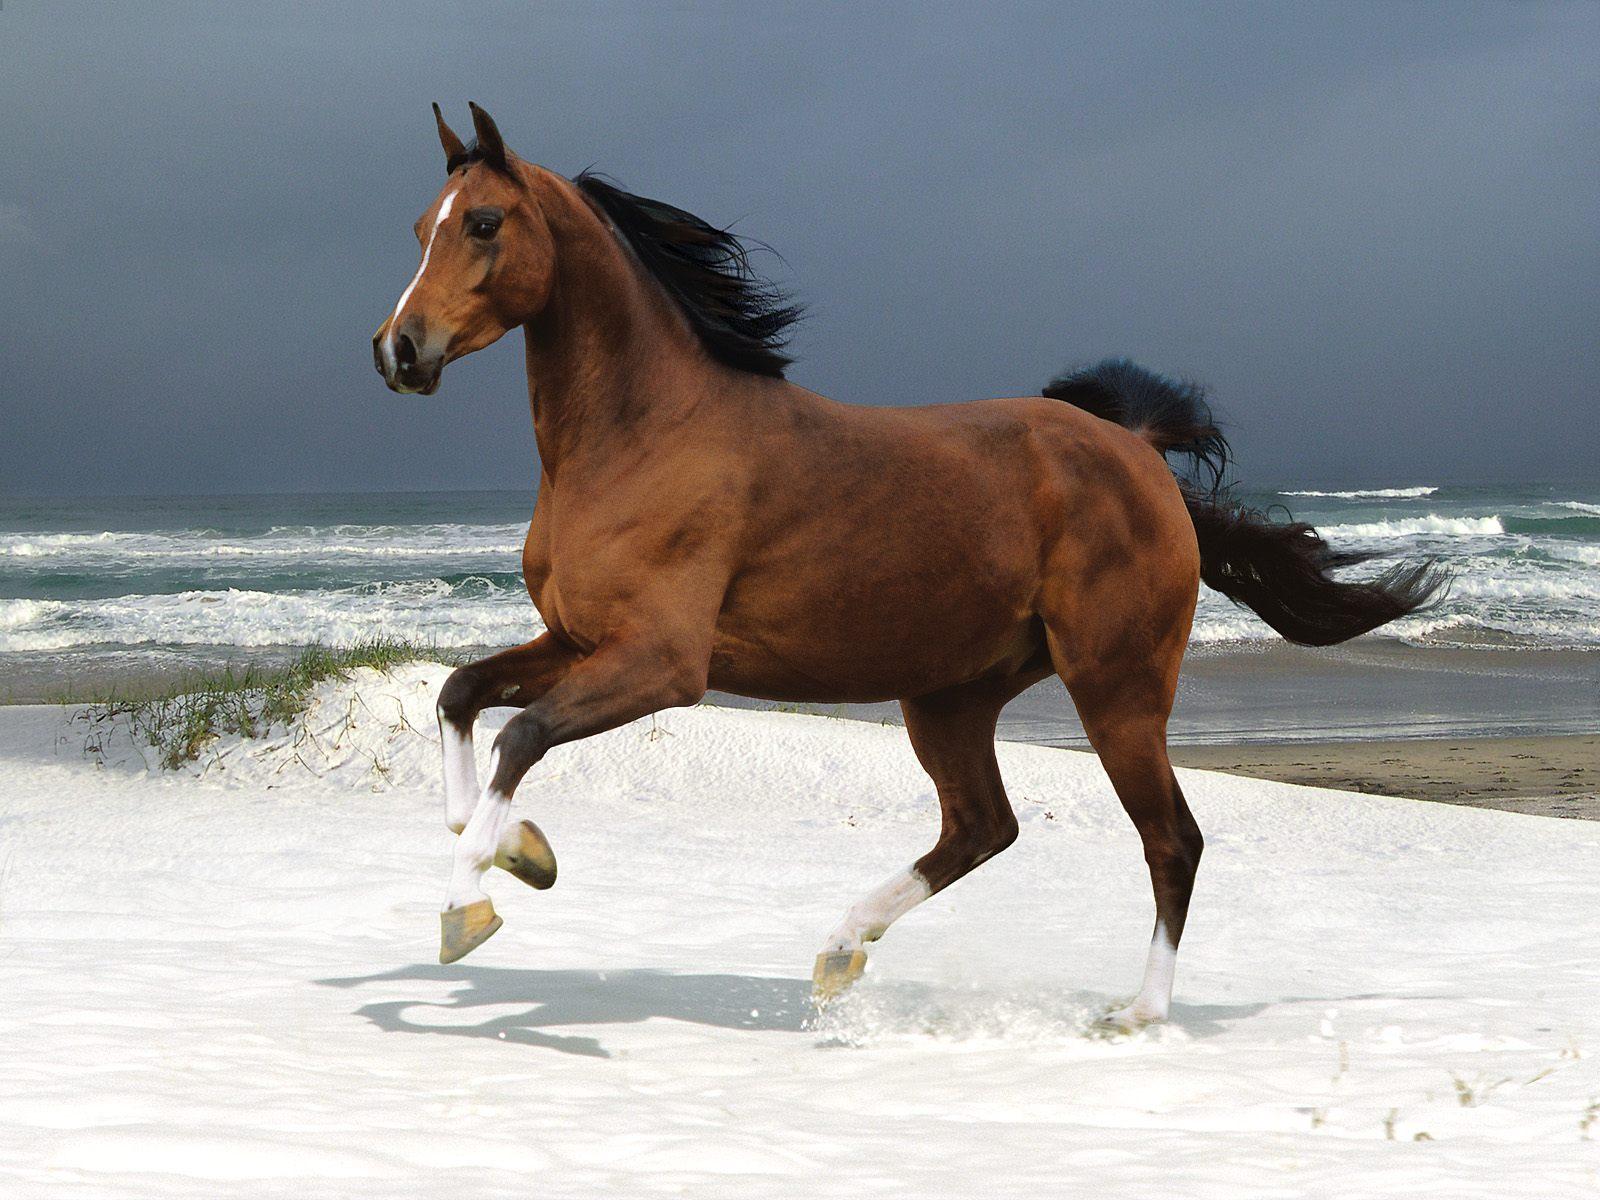 http://4.bp.blogspot.com/-iUtL4nNaJ1k/T7tPCppOn_I/AAAAAAAAFd8/D0373M6rD2Q/s1600/horses+hd+wallpapers.jpg